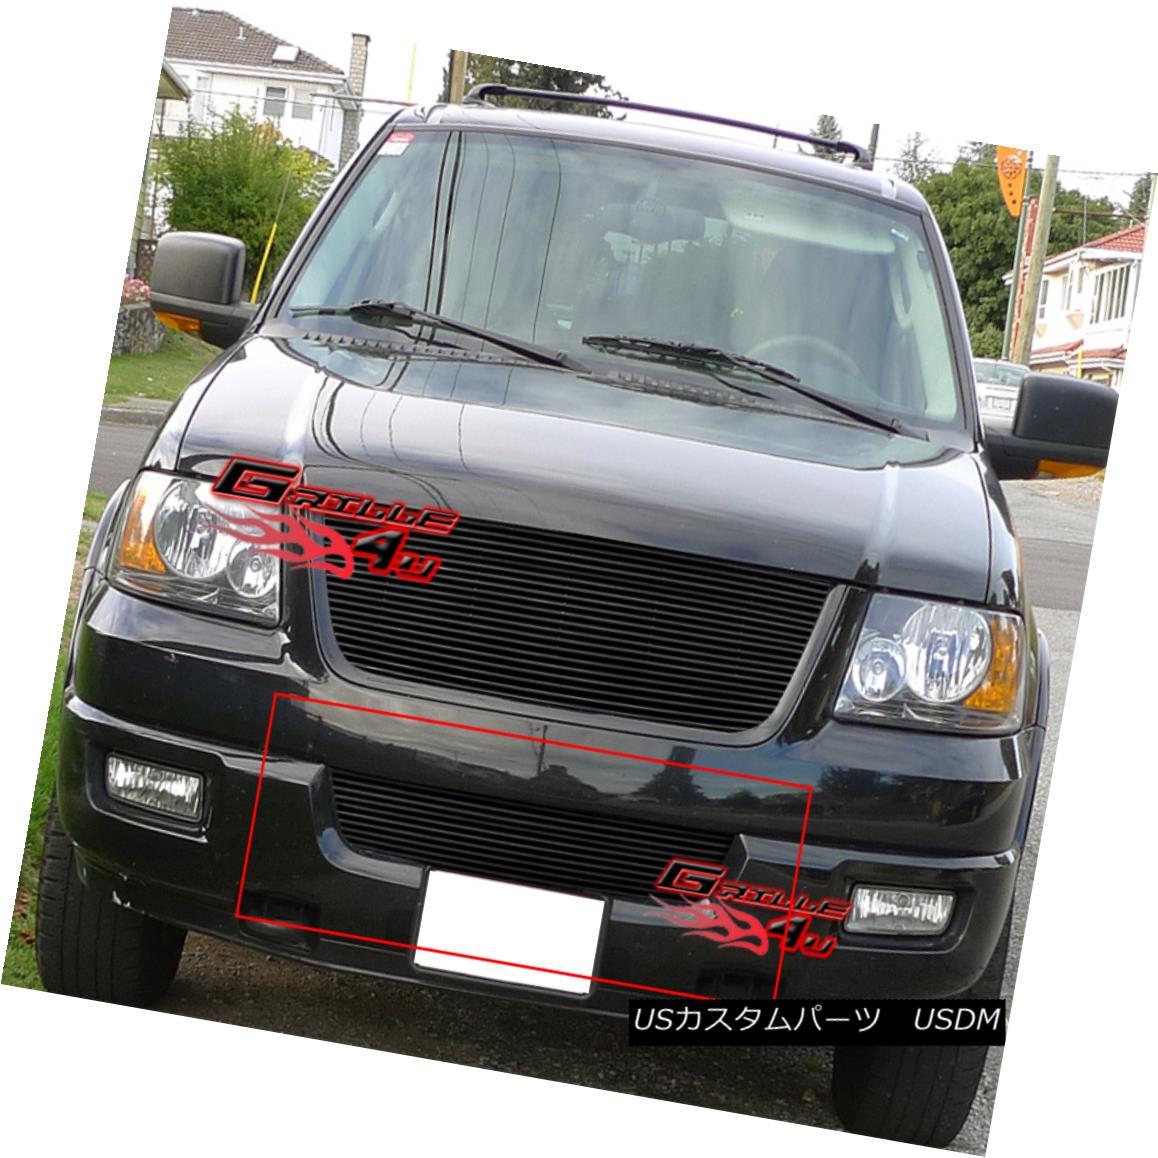 グリル Fits 2003-2006 Ford Expedition Bumper Black Billet Grille Insert フィット2003-2006フォード遠征バンパーブラックビレットグリルインサート